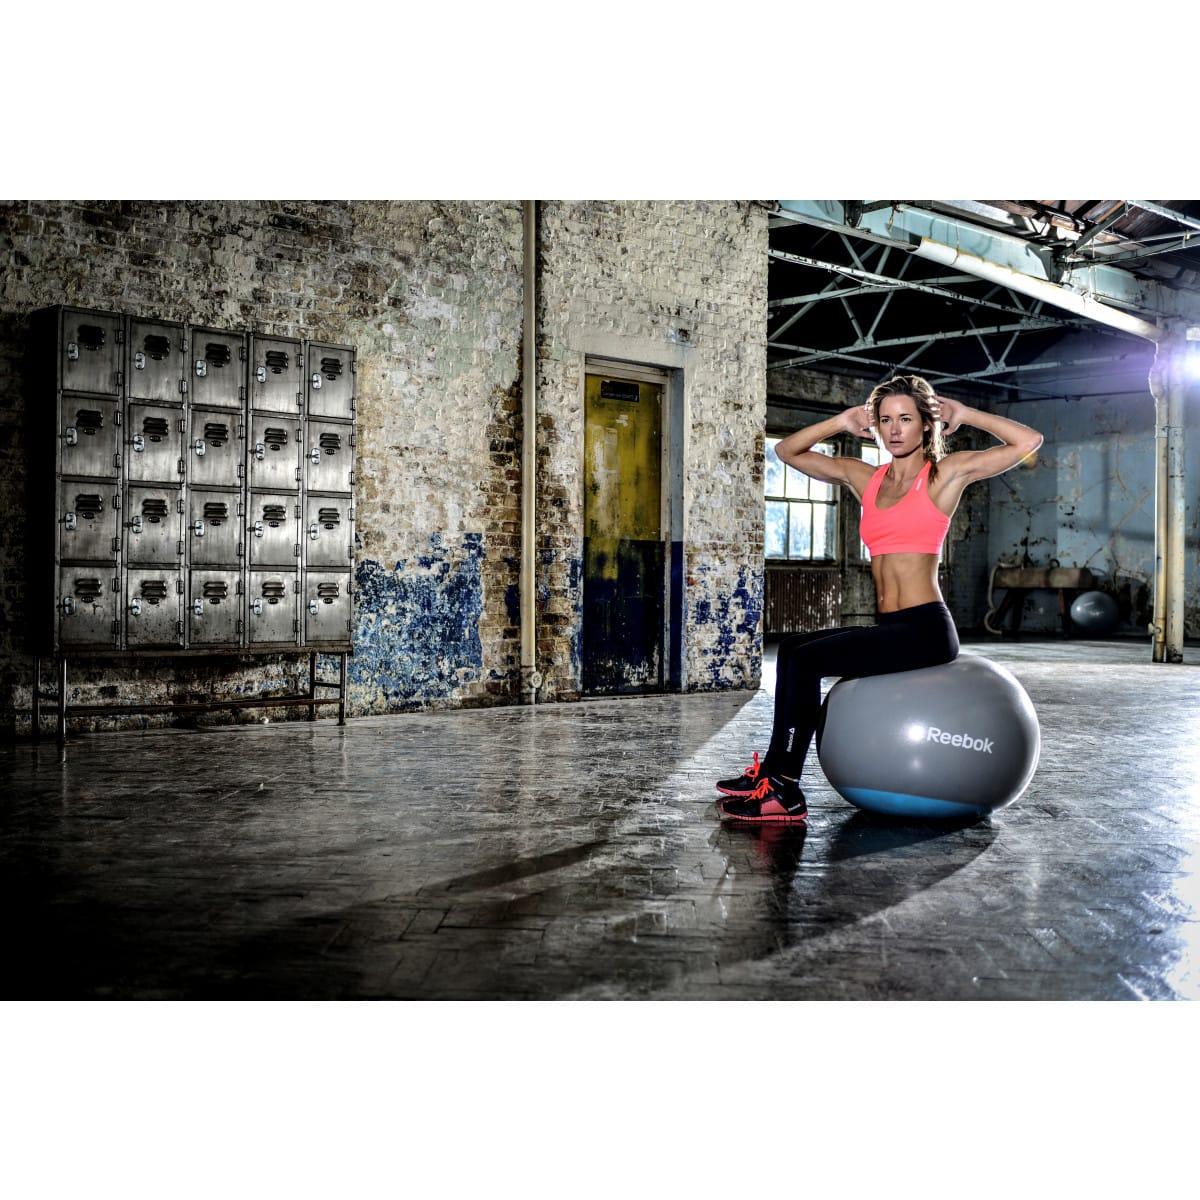 Reebok Ballon de gymnastique en caoutchouc bleu et gris , Femme en plein sport 2